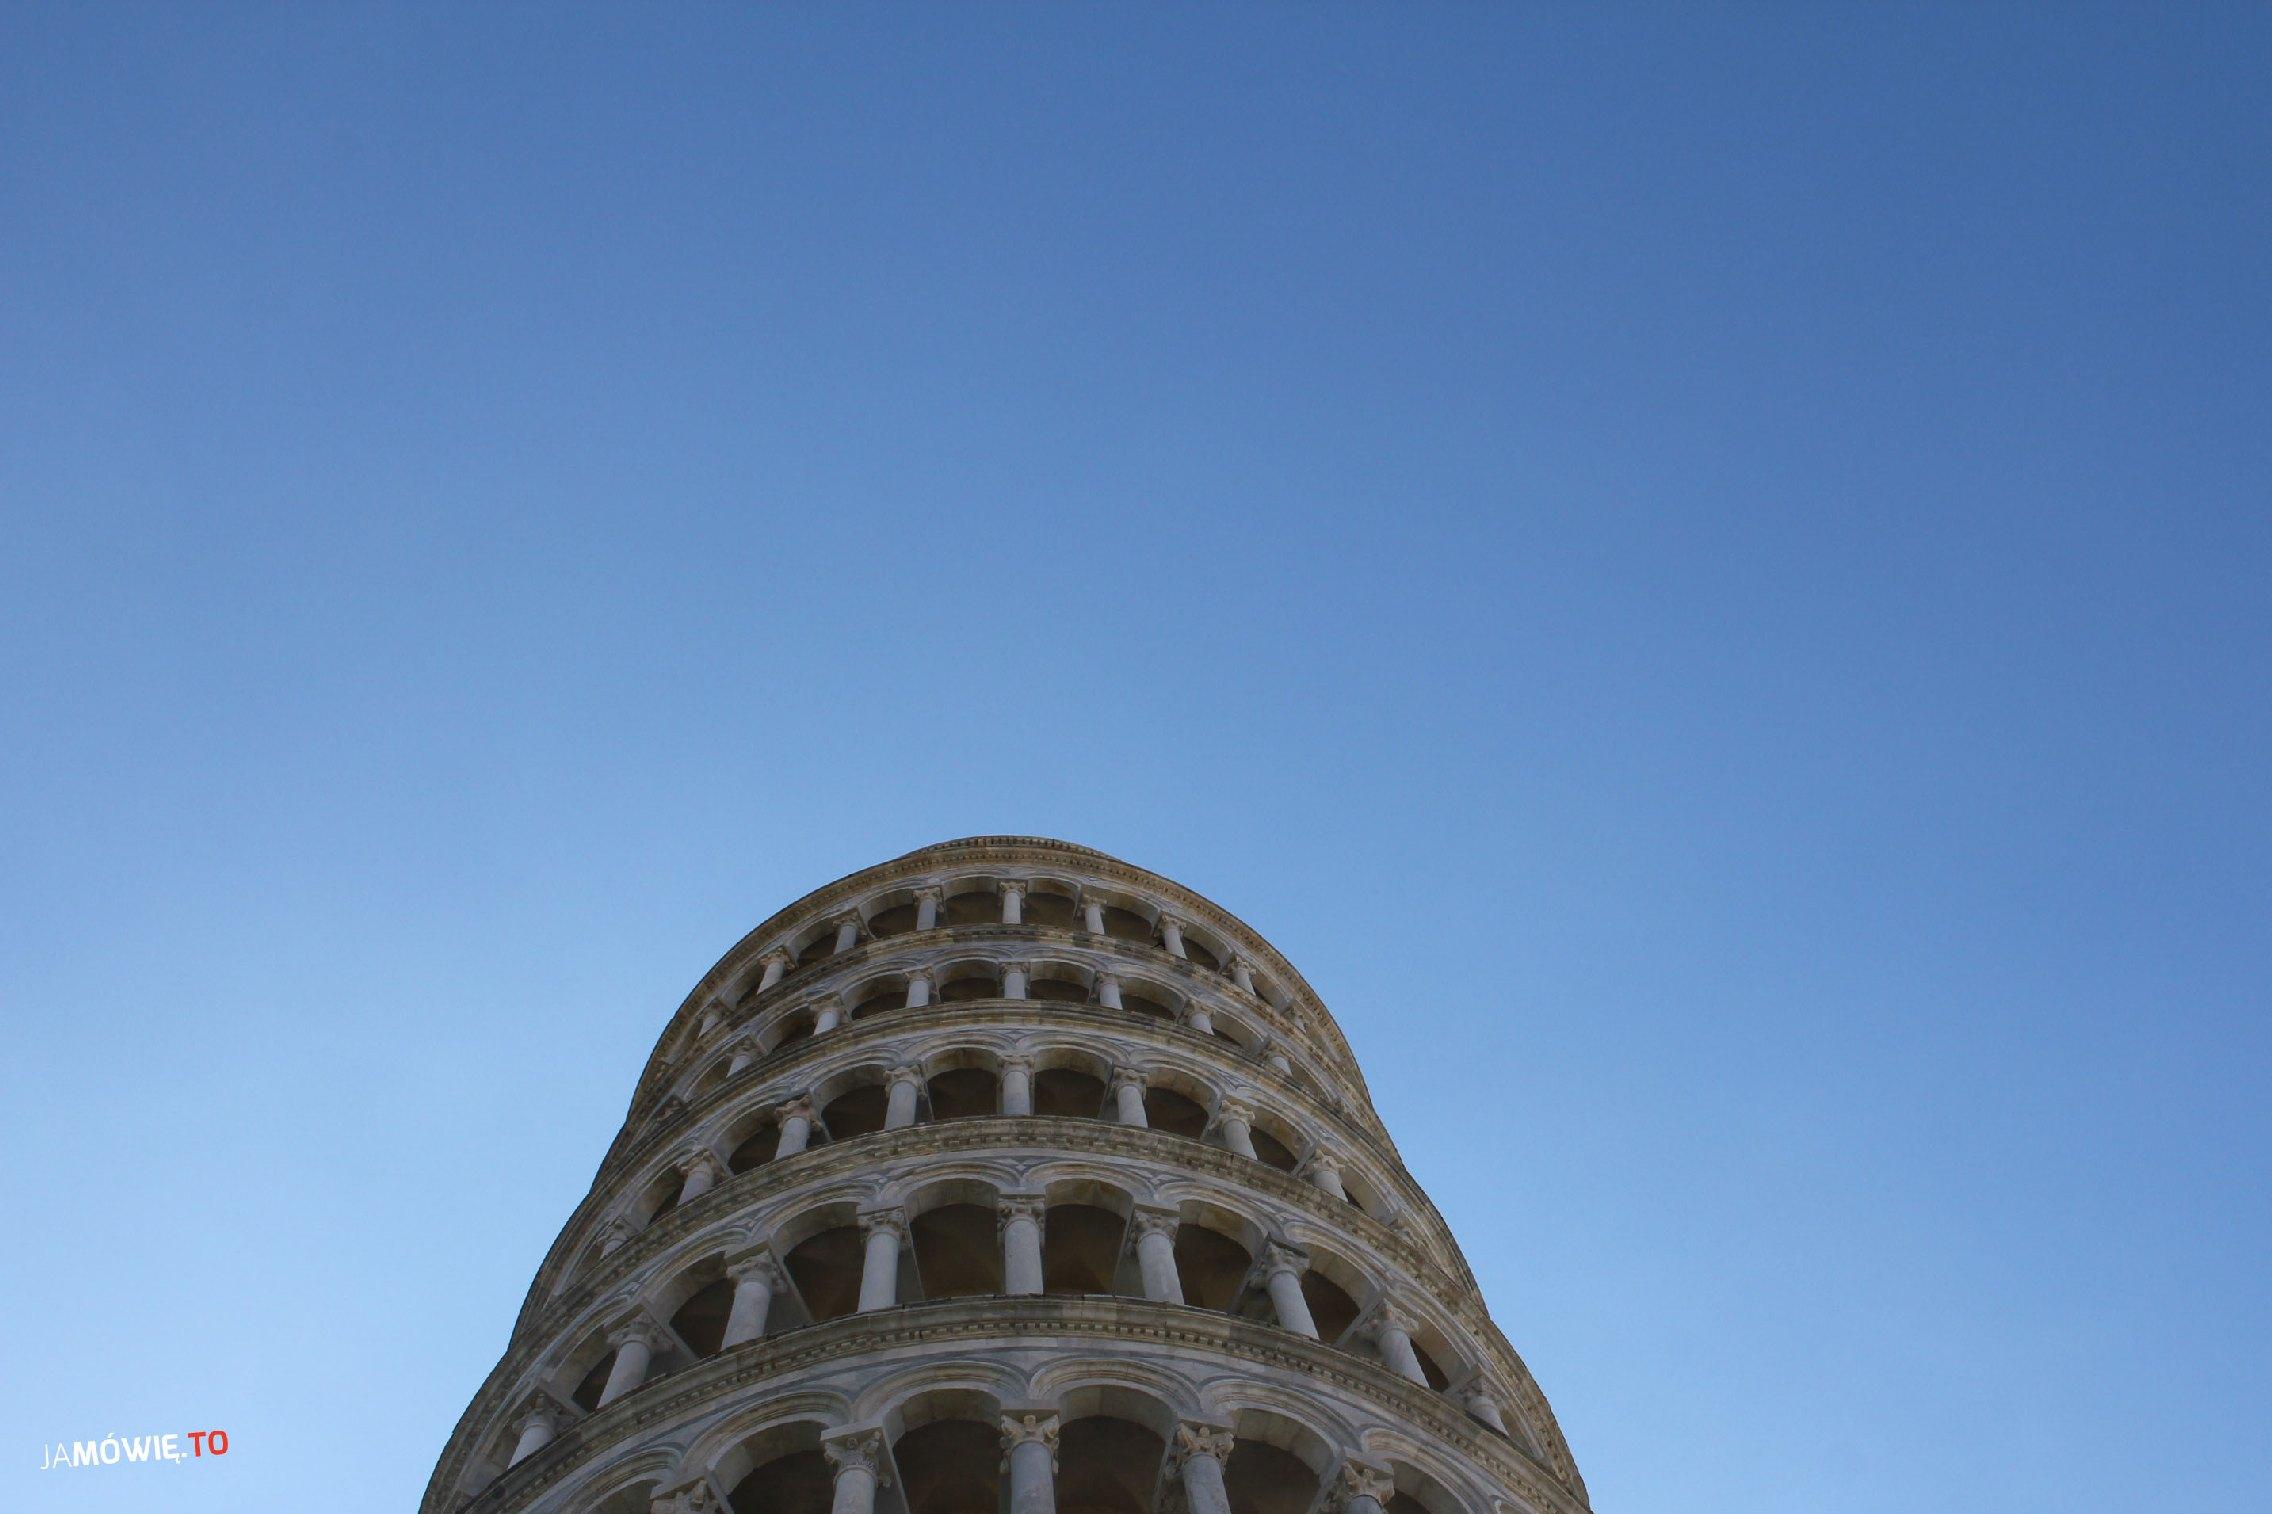 Czy krzywa wieża w Pizie upadnie? Ja mówię TO http://jamowie.to